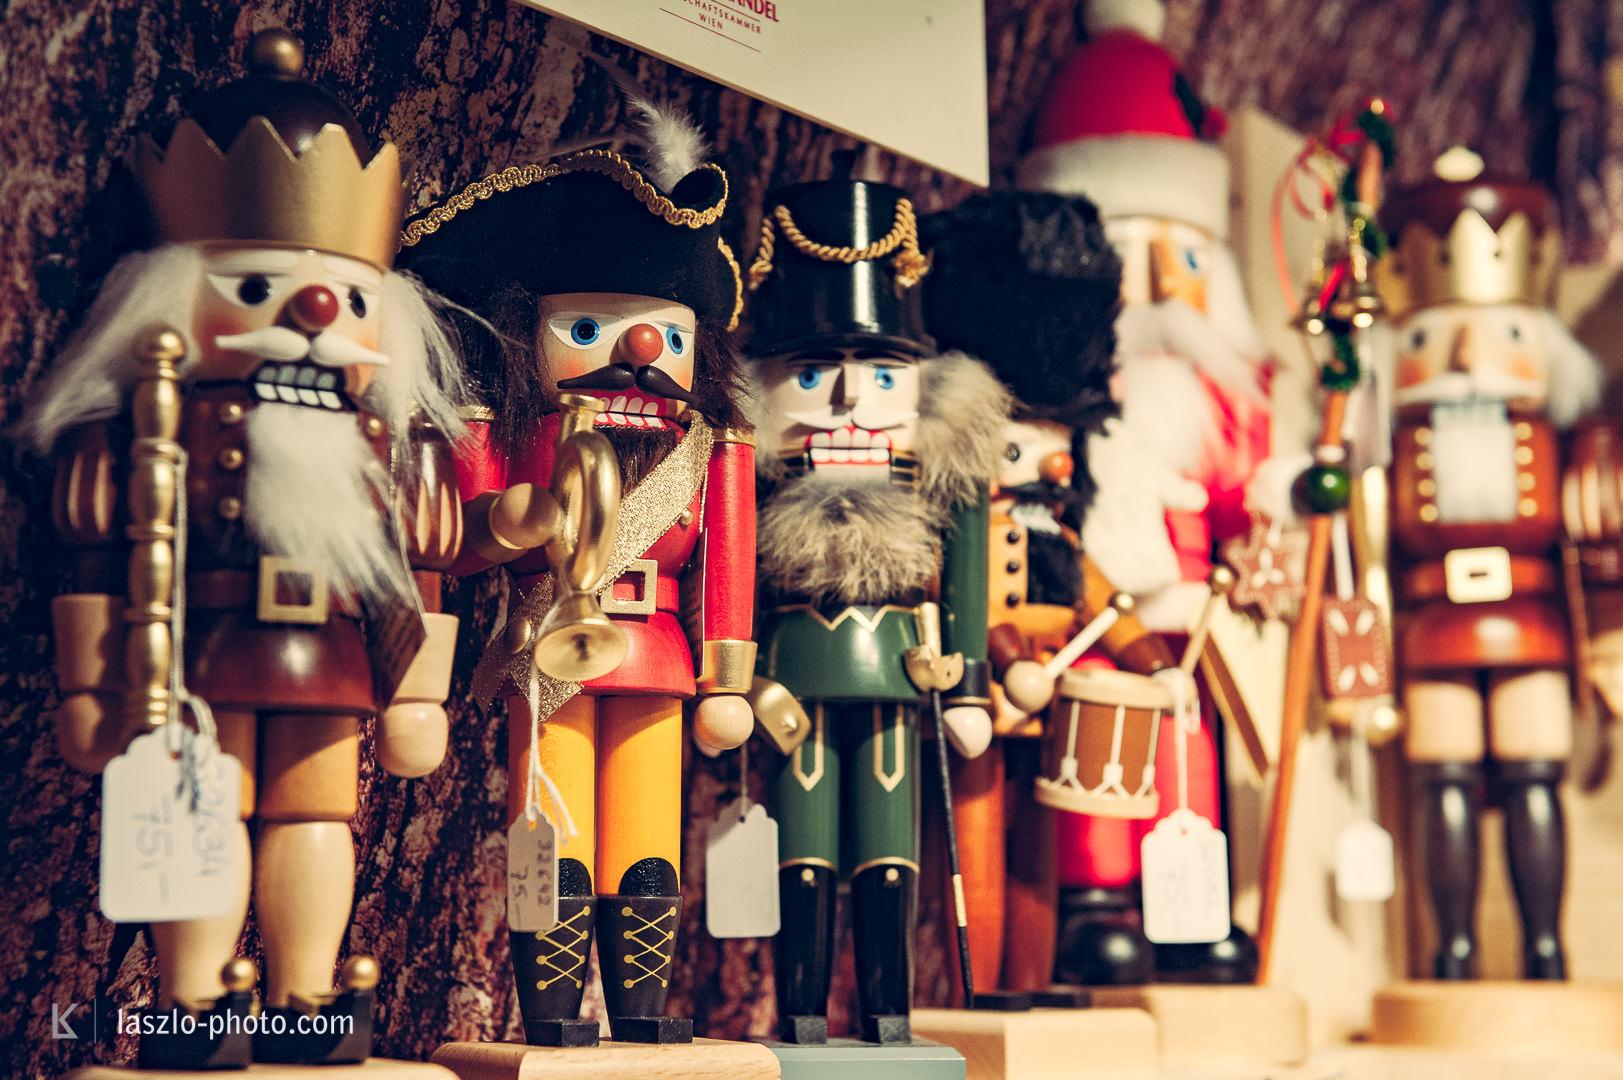 20161209_Weihnachten_Christkindlmarkt-4765